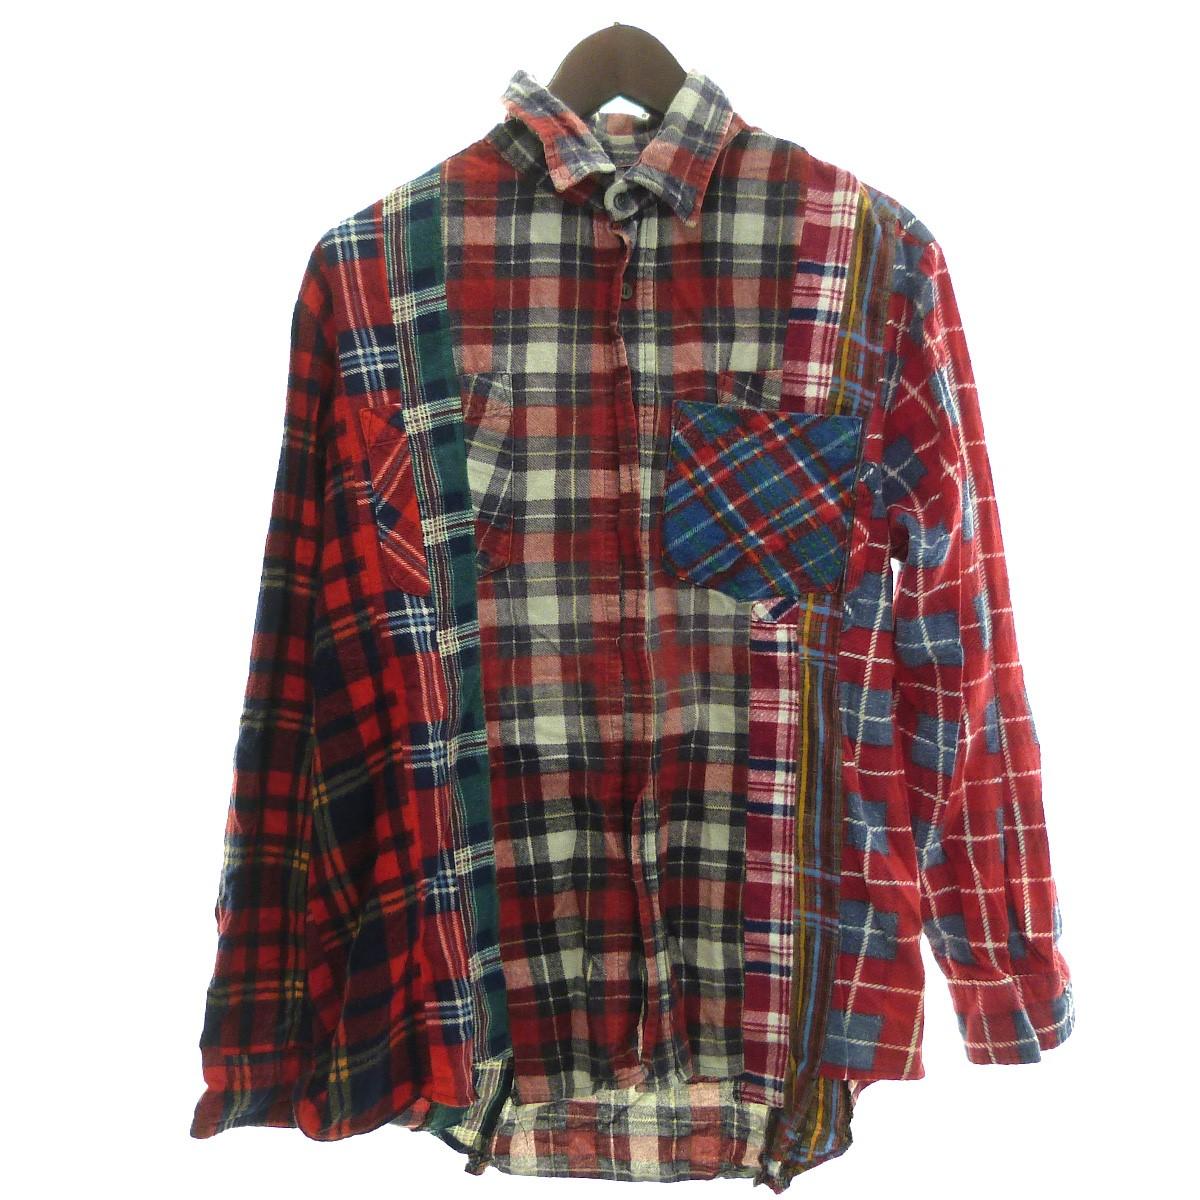 【中古】Rebuild by Needles 「Wide 7 Cuts Shirt」7カットチェックシャツ レッド サイズ:S 【240320】(リビルド バイ ニードルス)